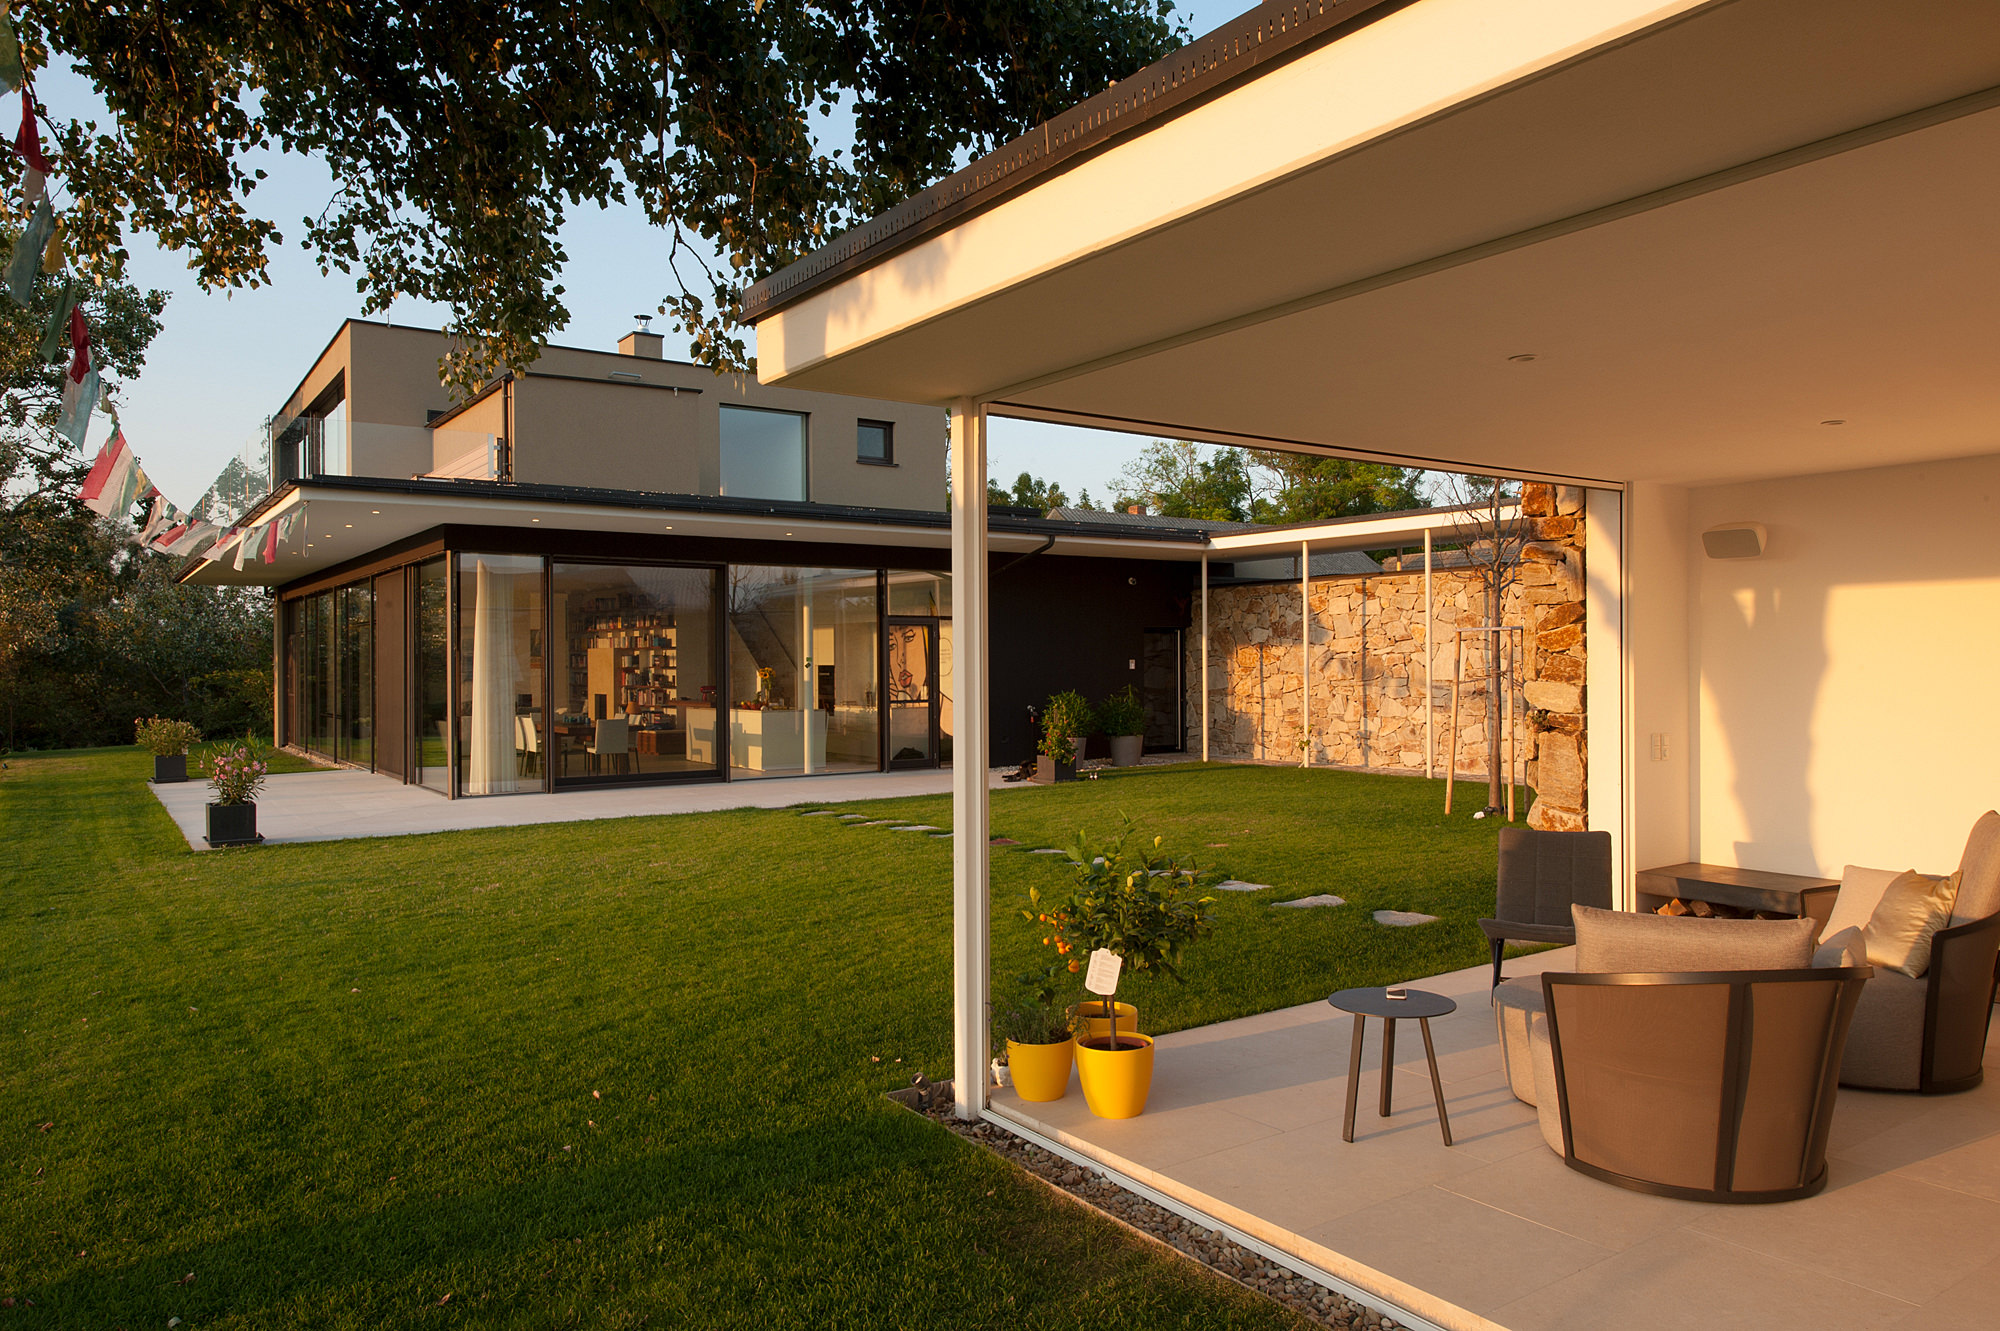 haus_LK_05_einfamilienhaus_im_seewinkel_burgenland_junger_beer_architektur